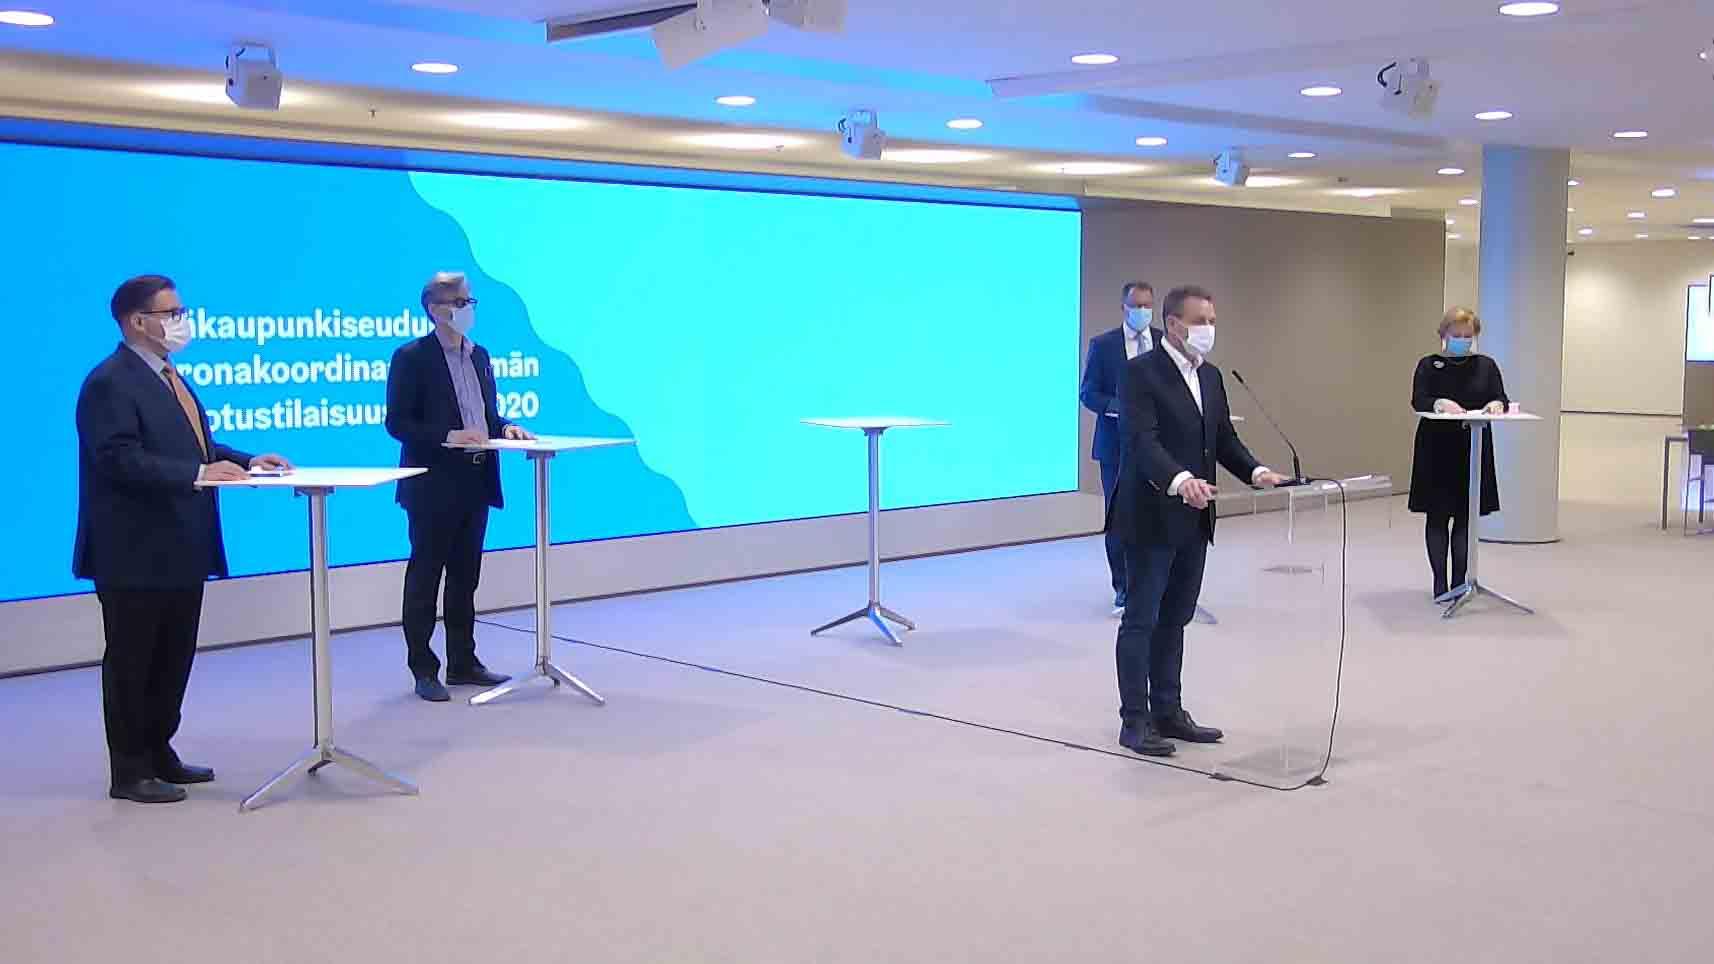 PK-seudun koronakoordinaatioryhmän tiedotustilaisuus 27.11.2020